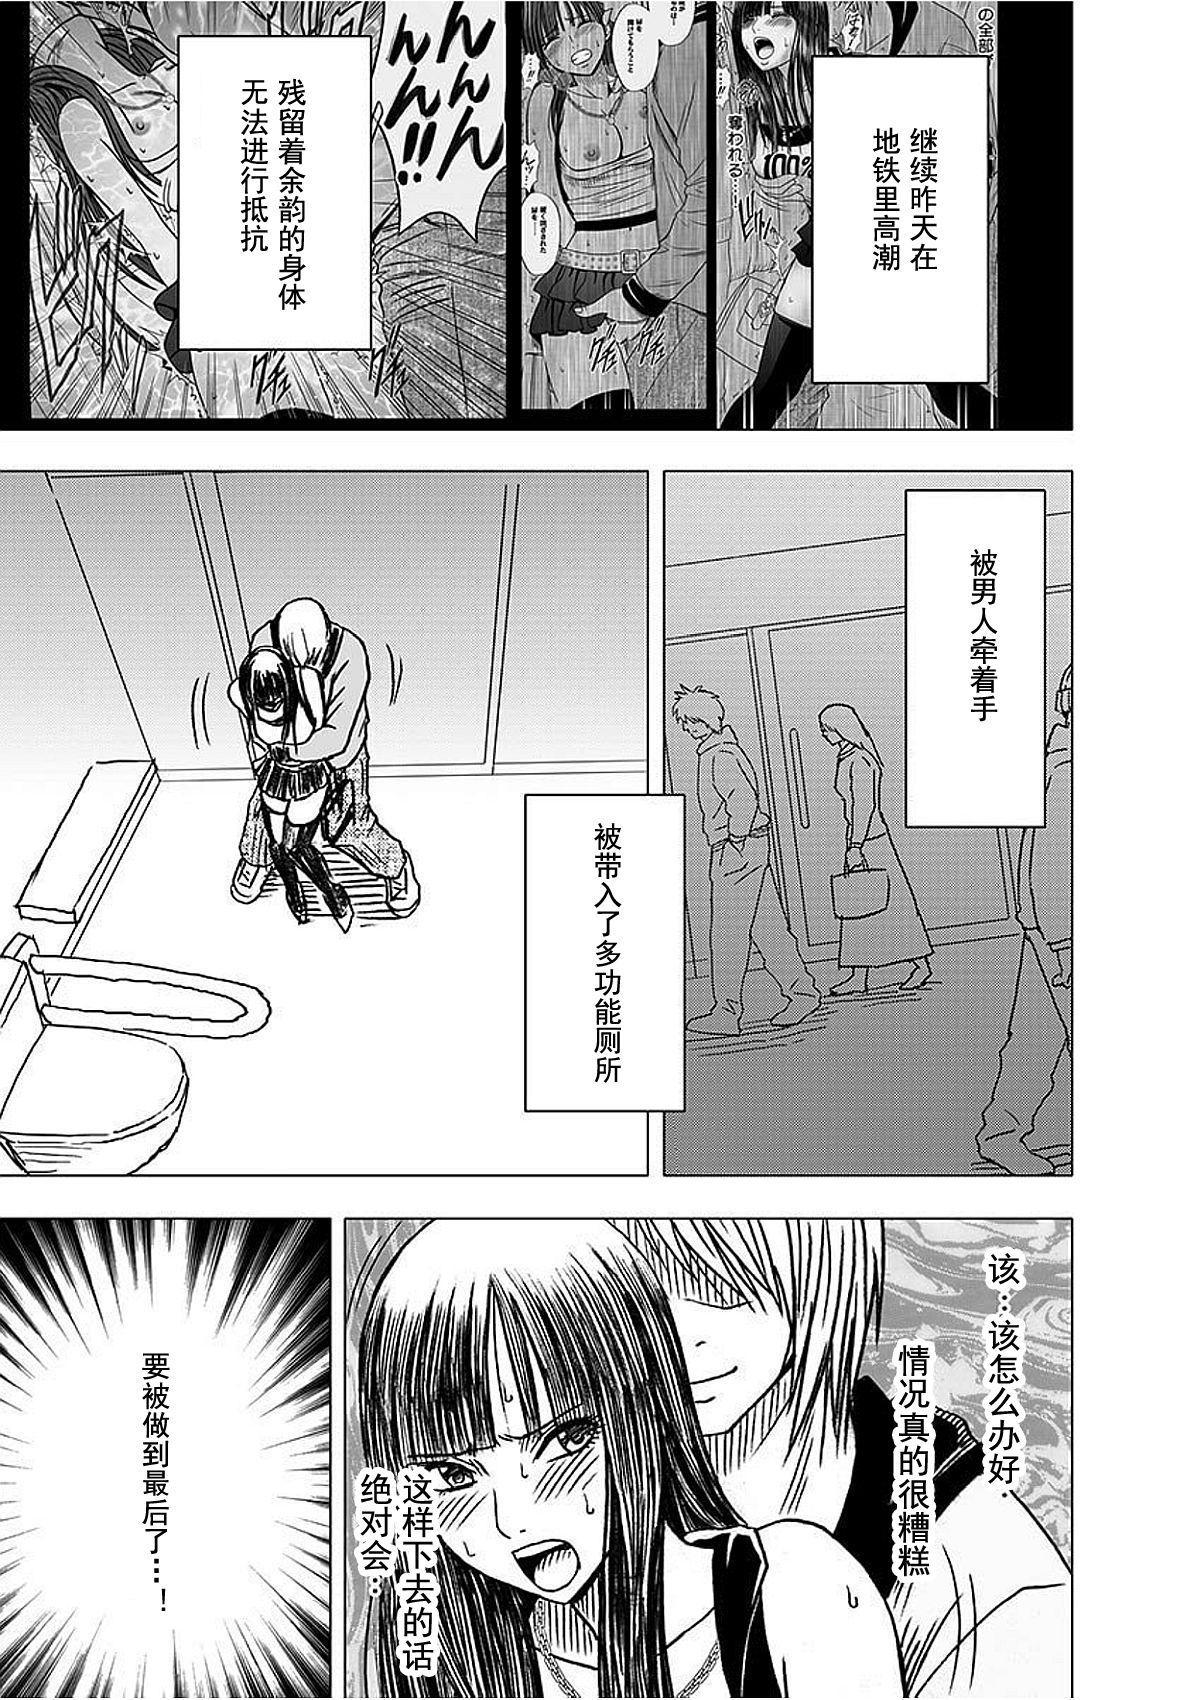 Virgin Train 【Kanzenban】 113